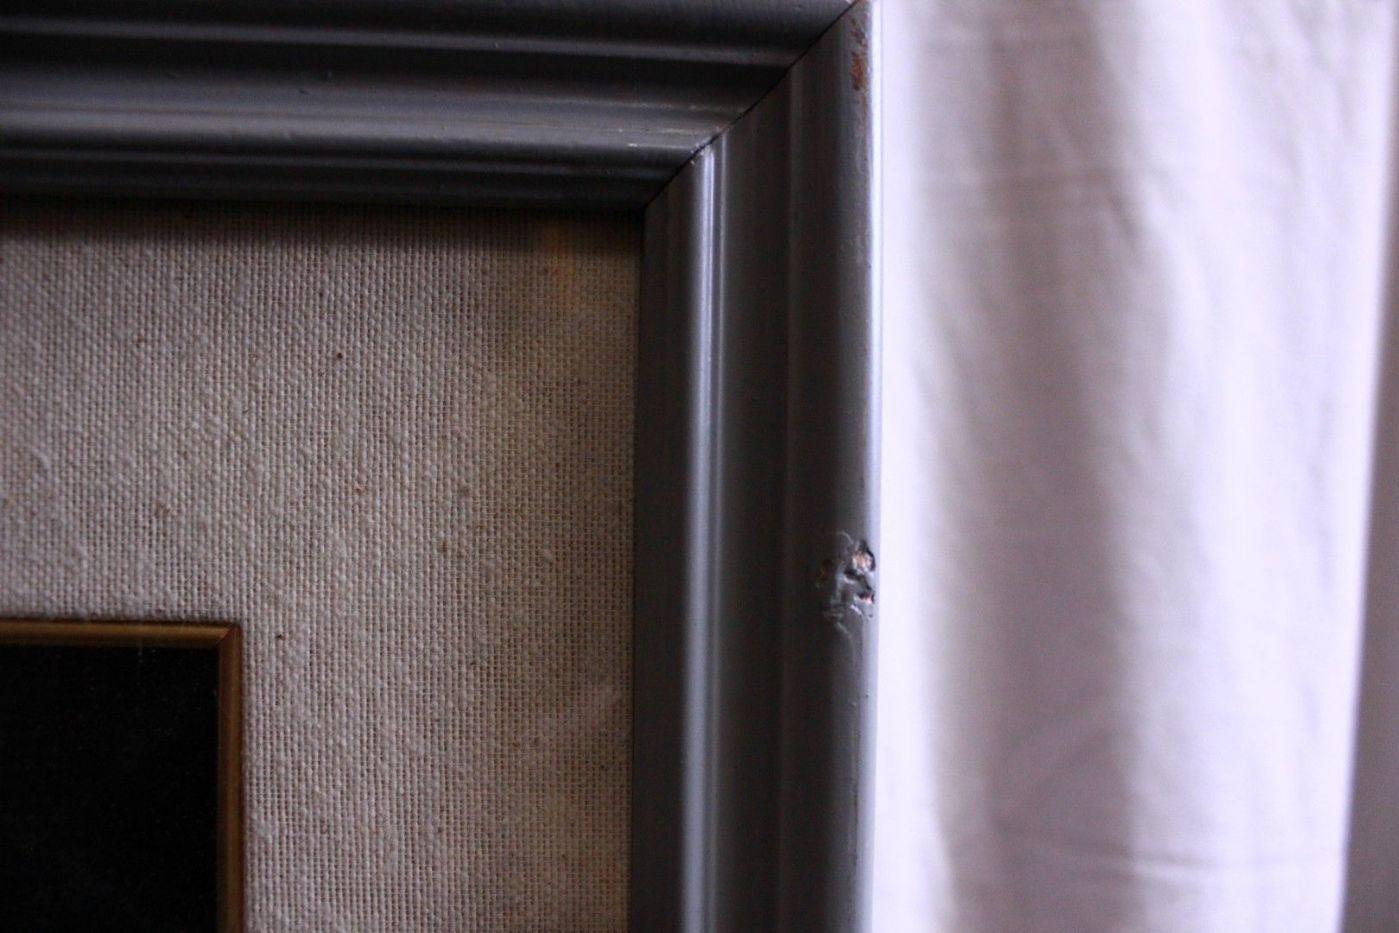 thumb4|Quadro a mezzopunto raffigurante vaso di fiori con cornice e vetro 18 x 49